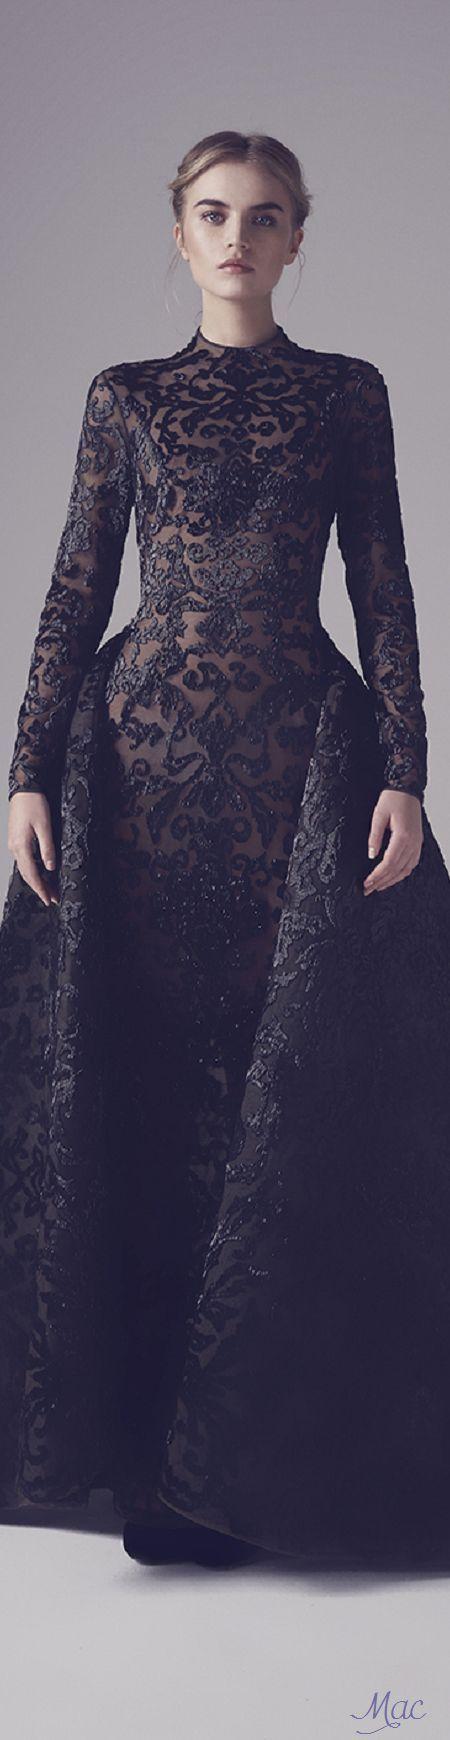 pulchritudinous wedding dresses designer mermaid ball gown 2016-2017